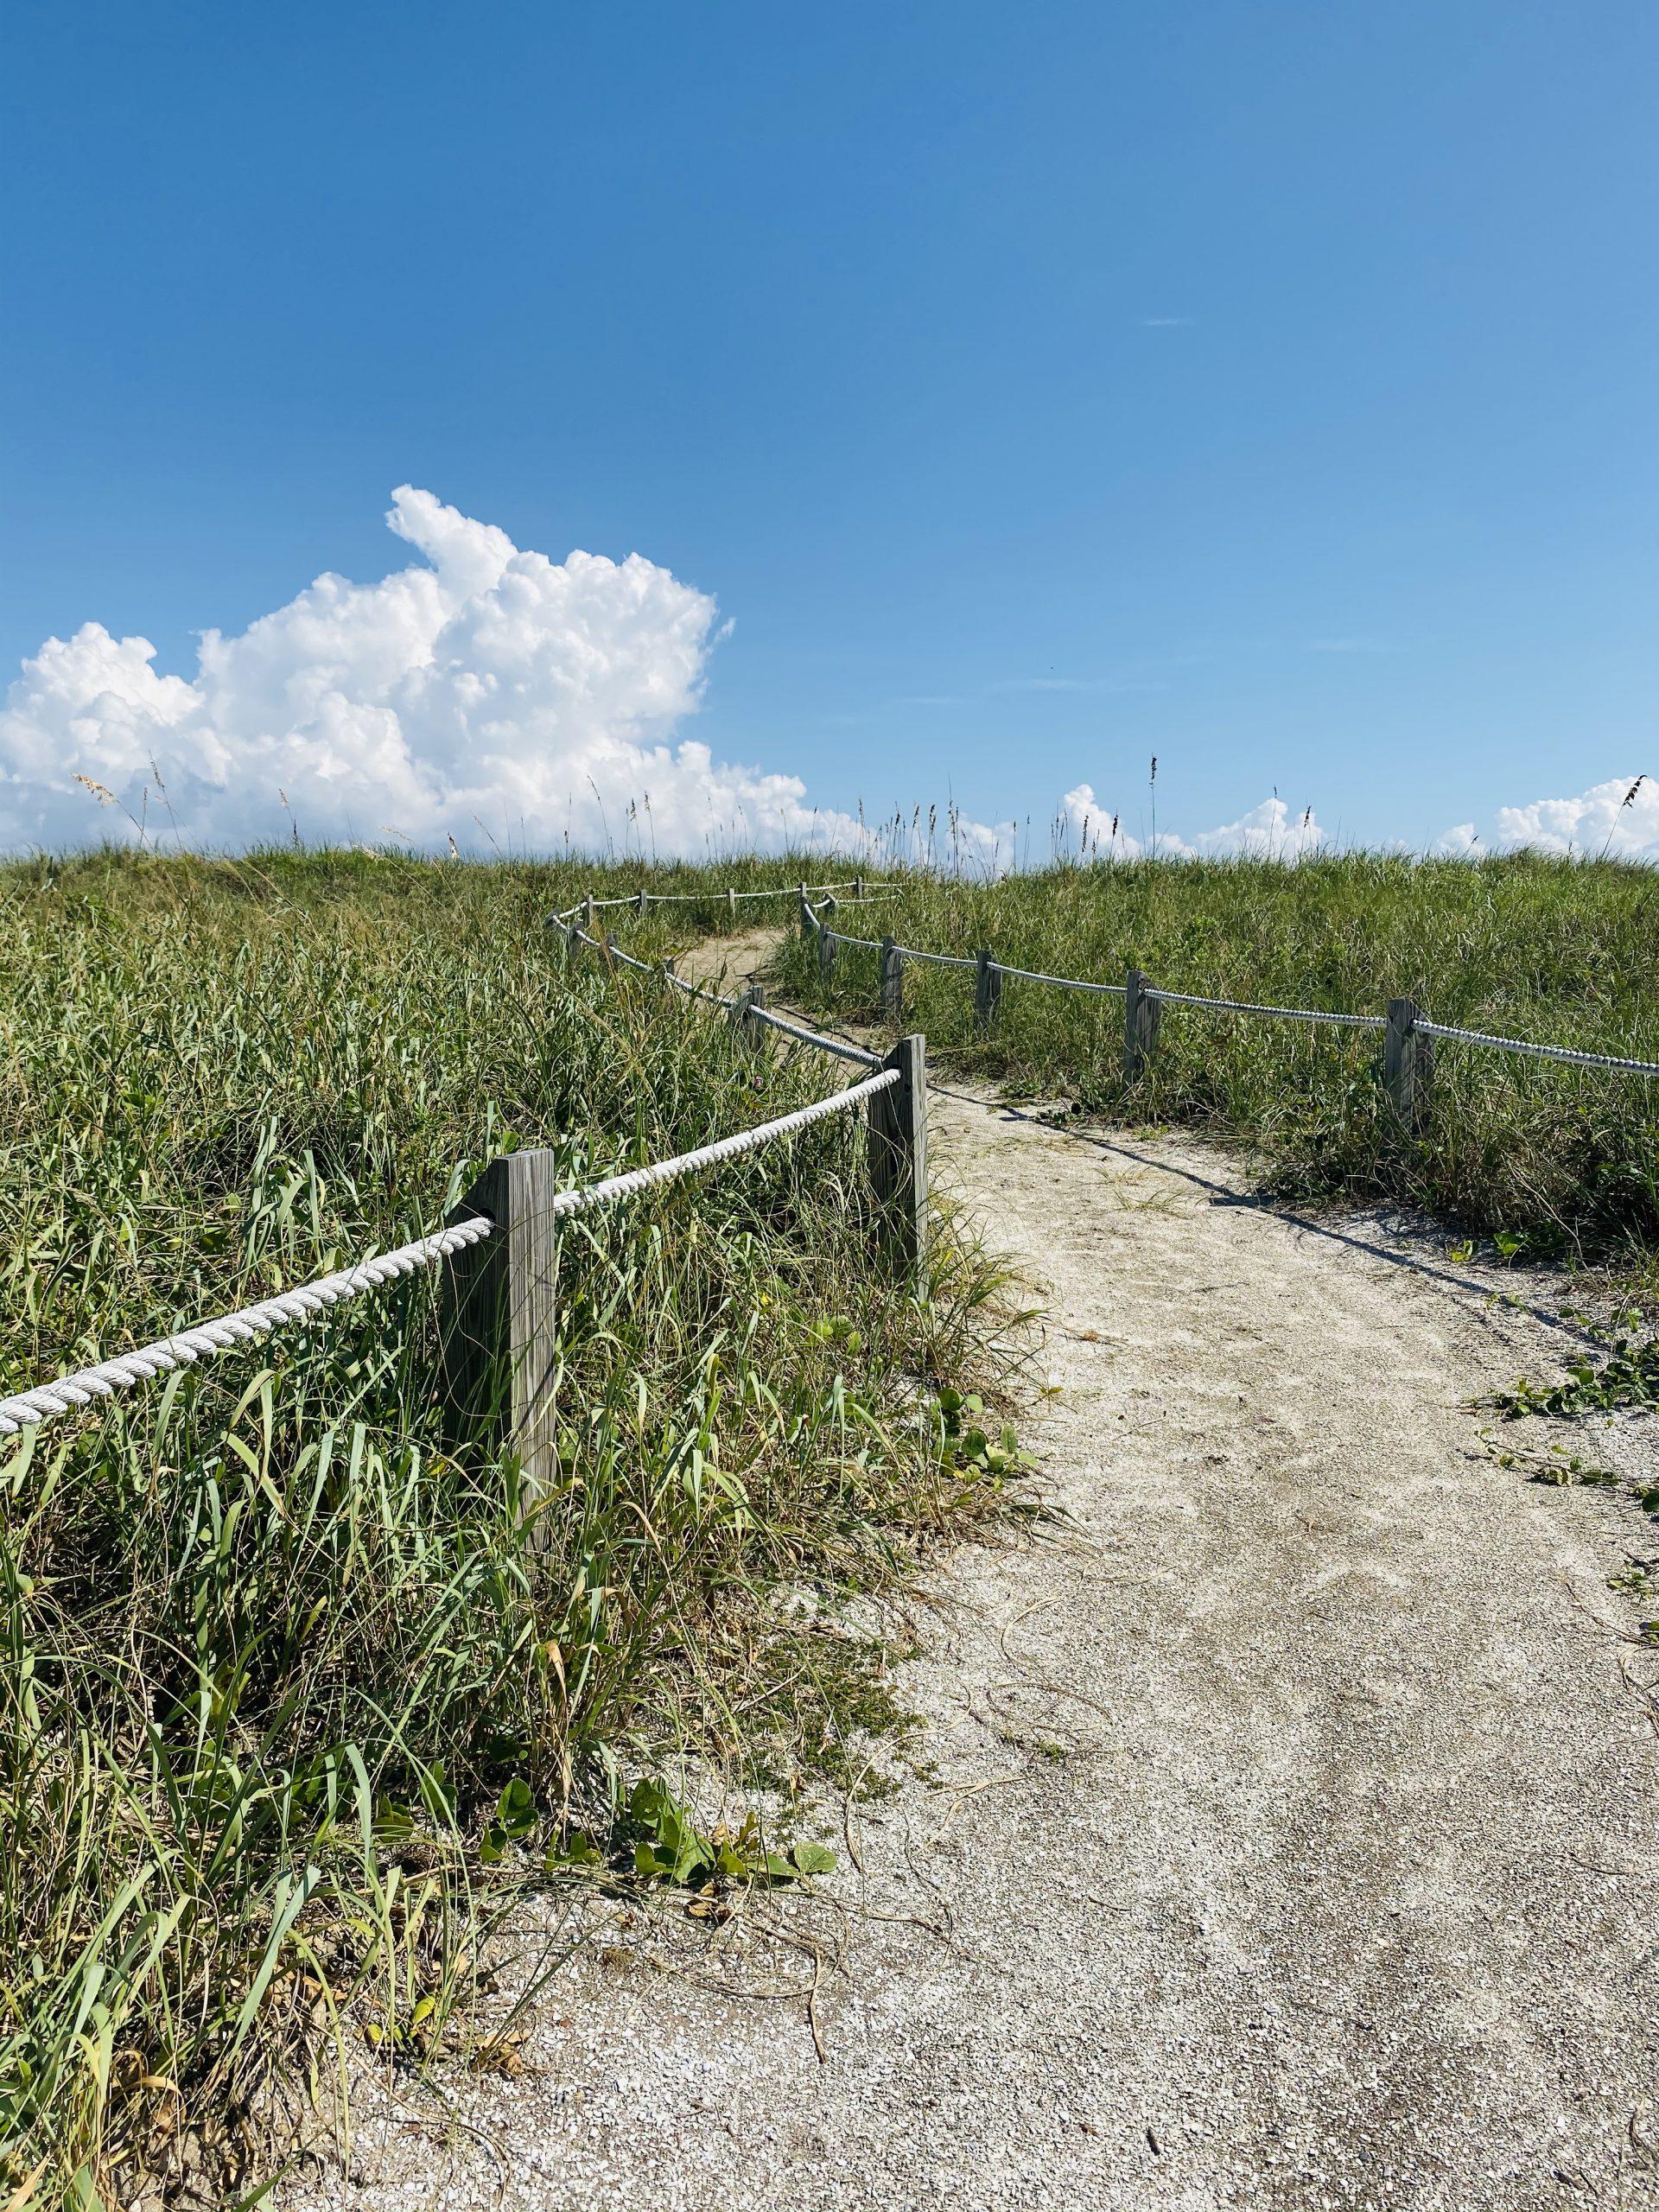 Sandy Trail towards the beach